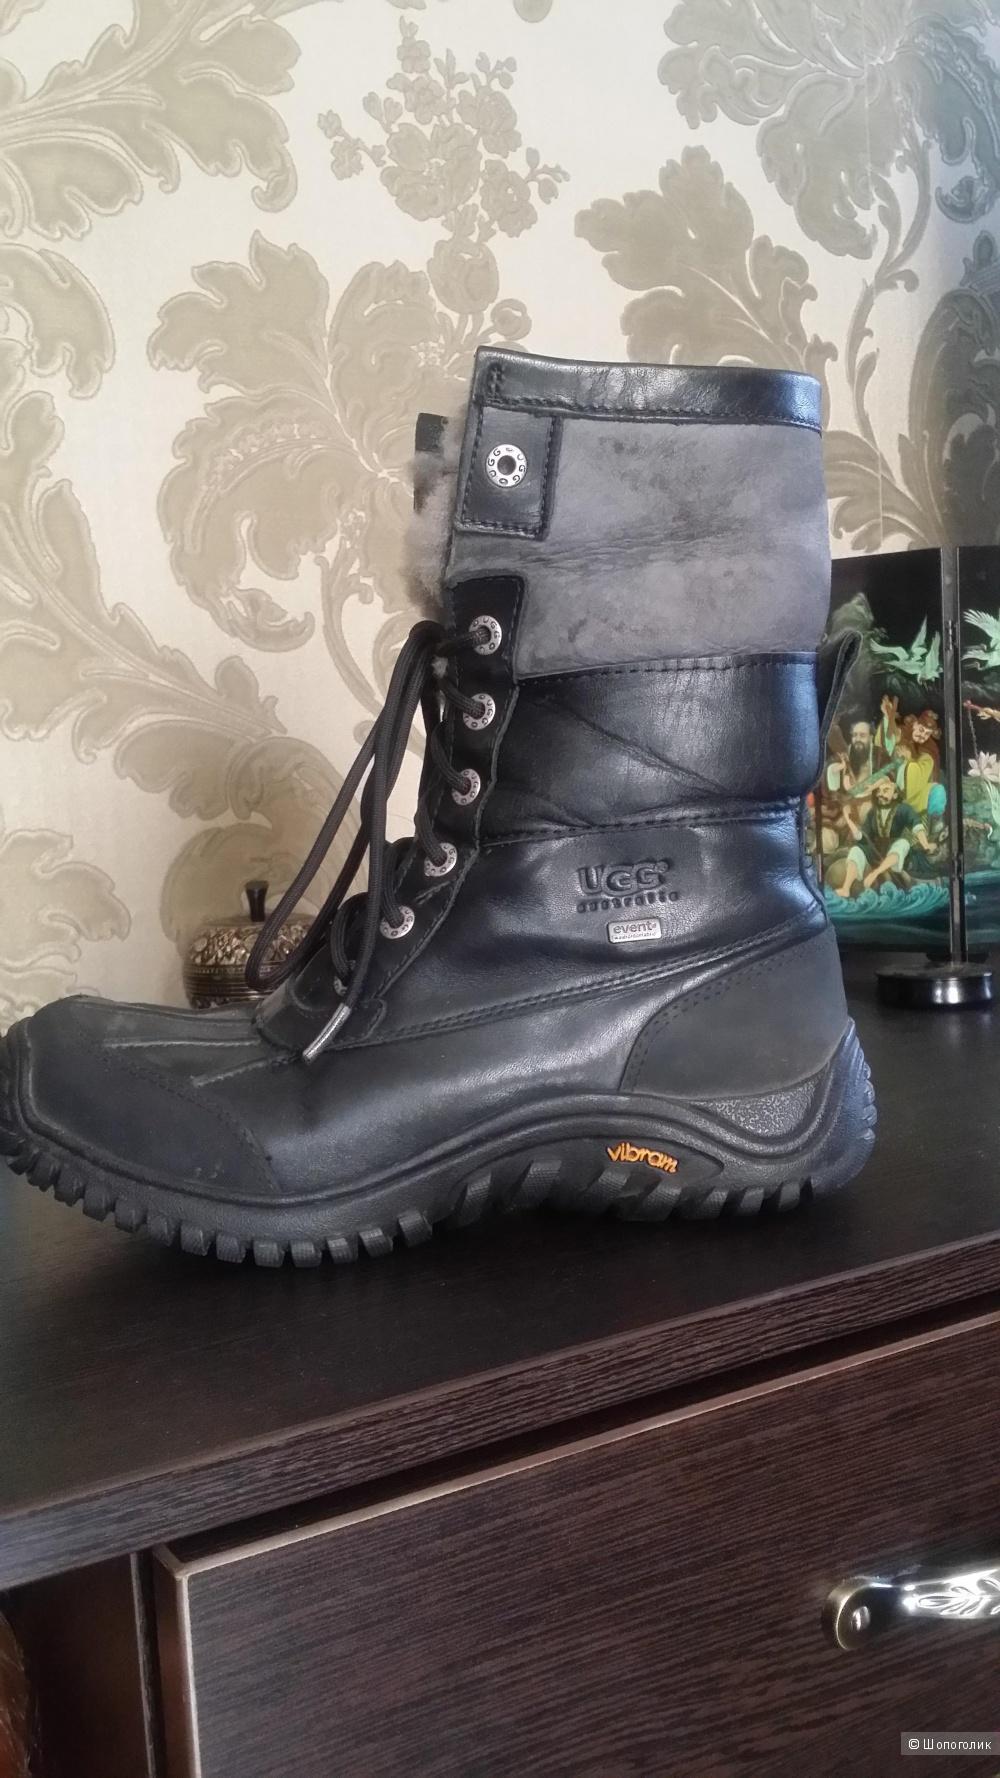 Зимние кожаные с натуральным мехом ботинки UGG EU 39 размер оригинал Водонепроницаемые